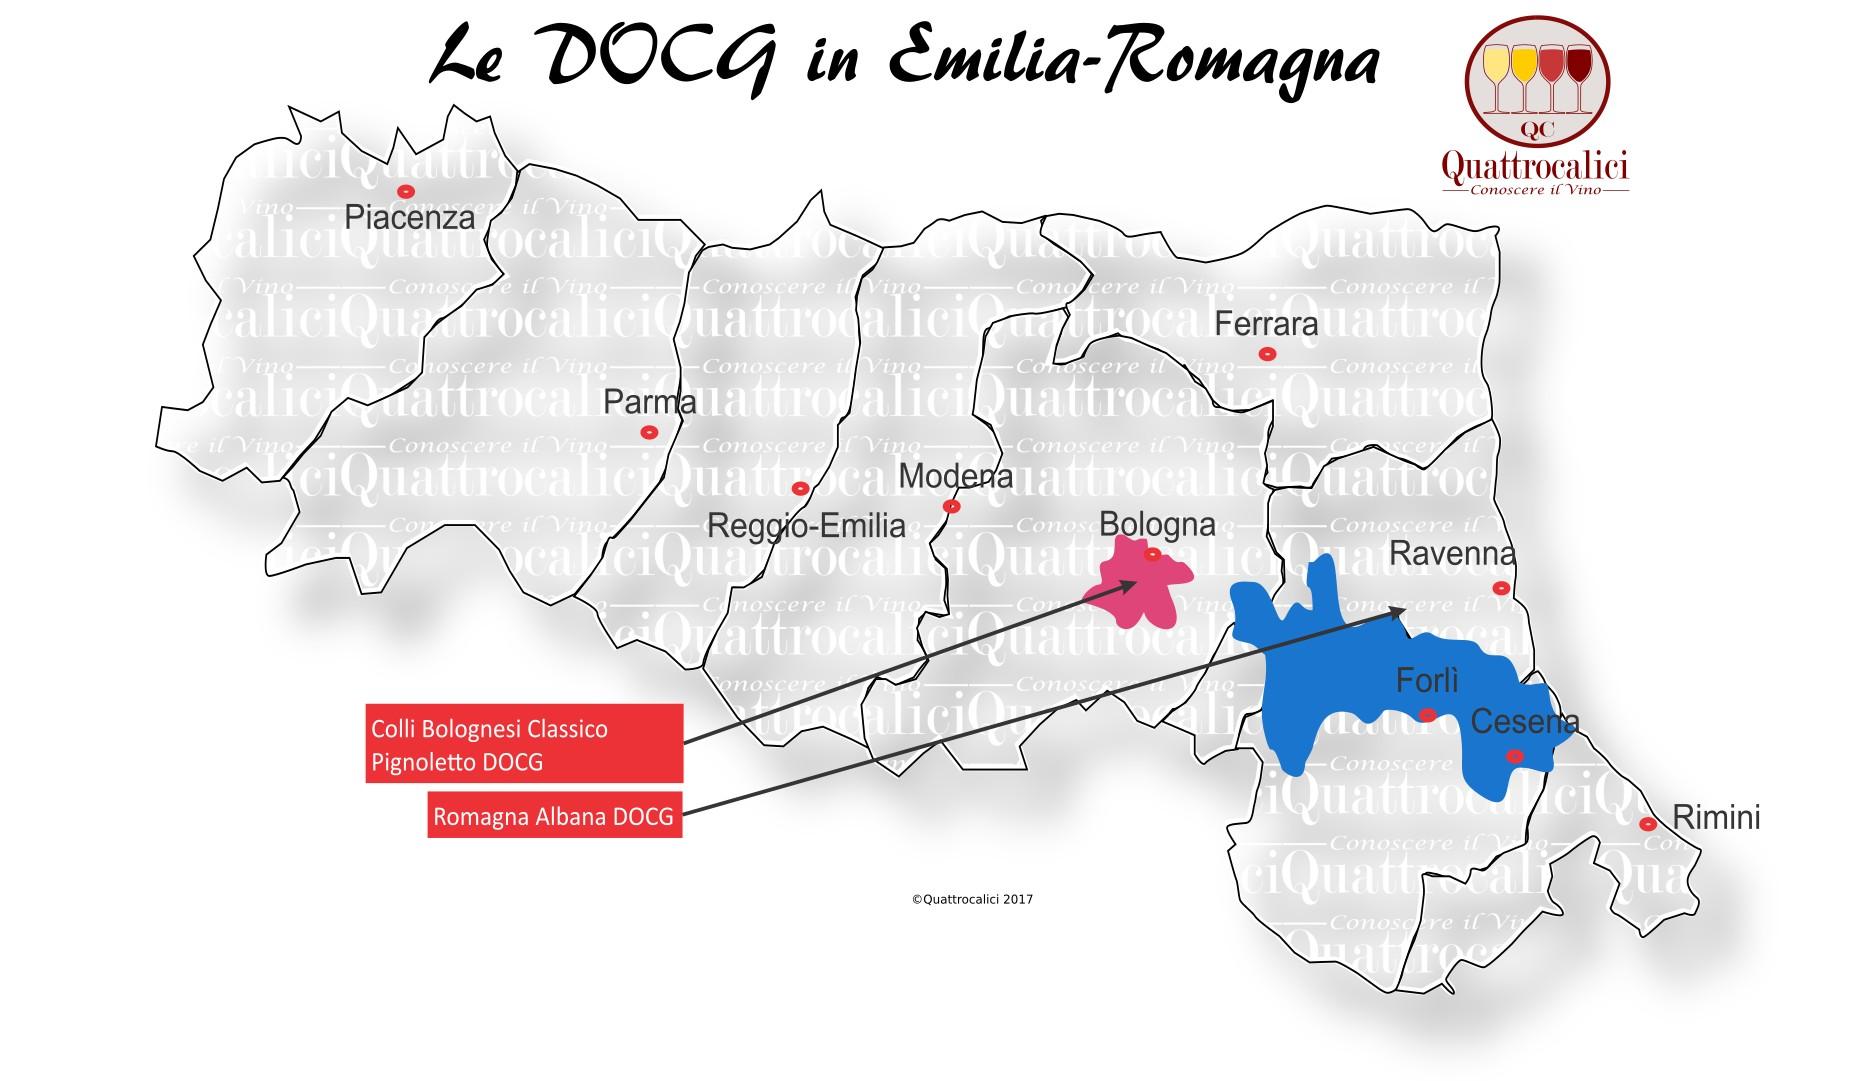 Mappa Denominzioni DOCG Emilia-Romagna